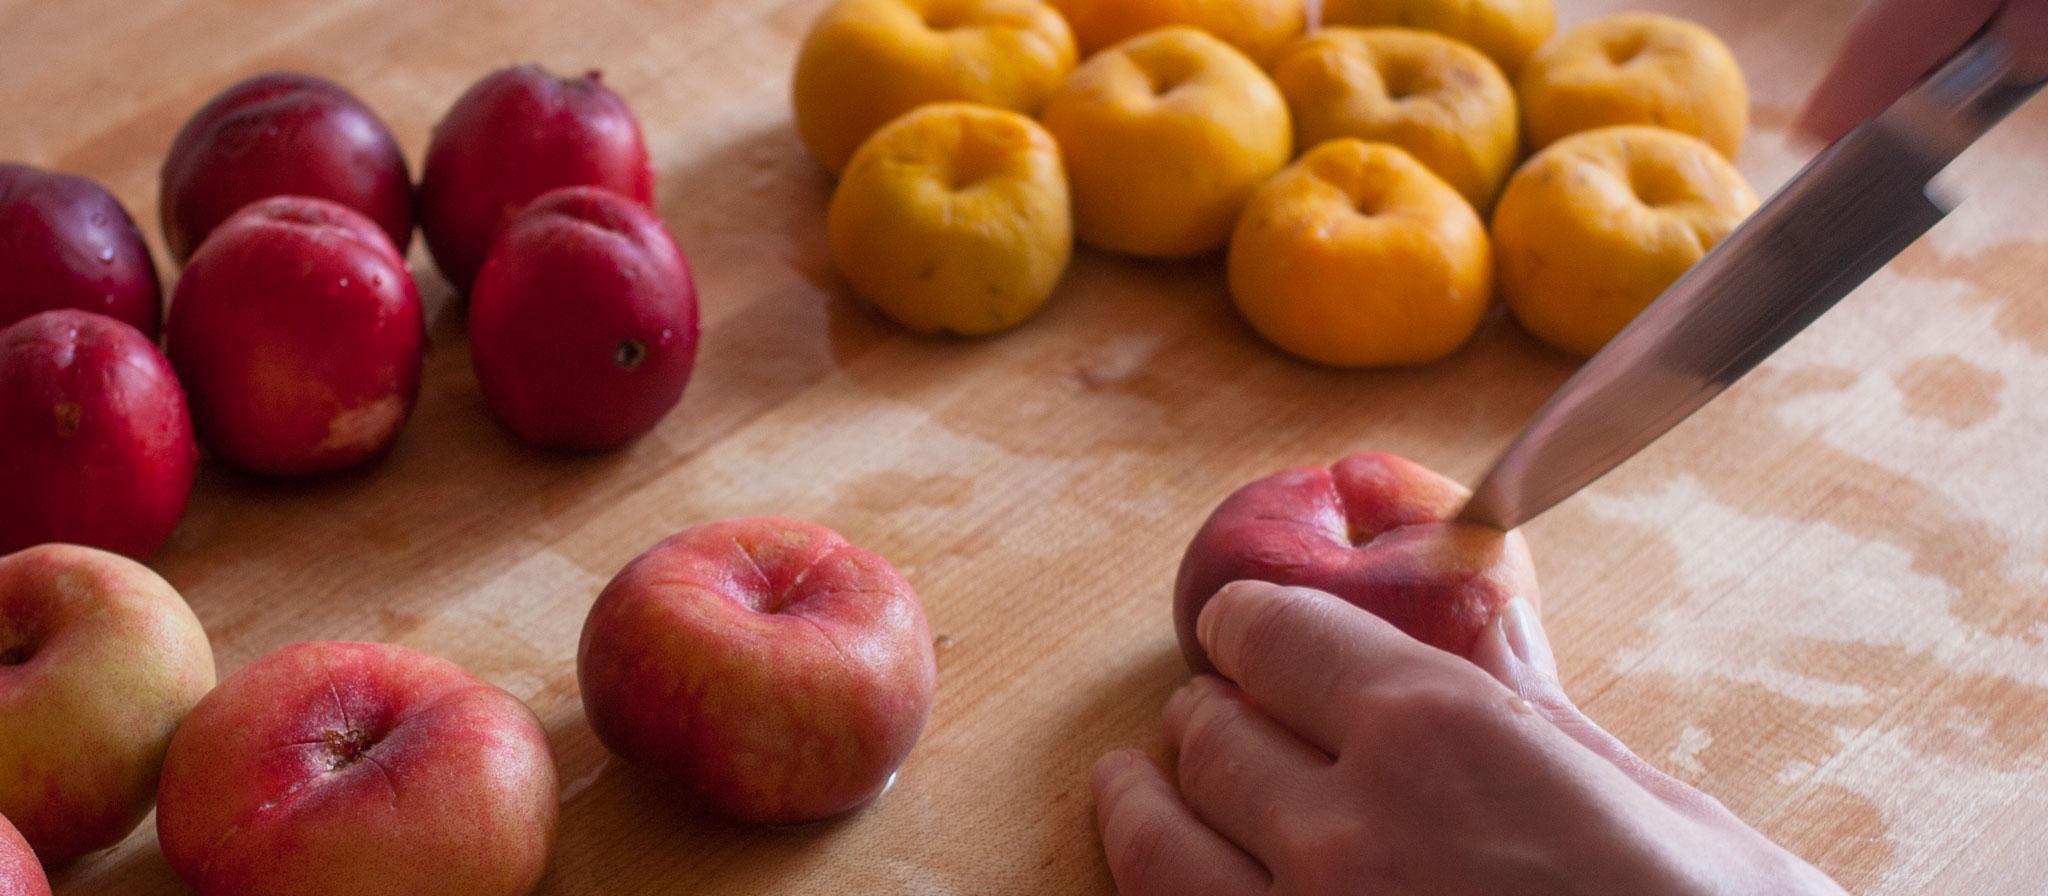 Peach-and-nectarine-jam_0021_web2